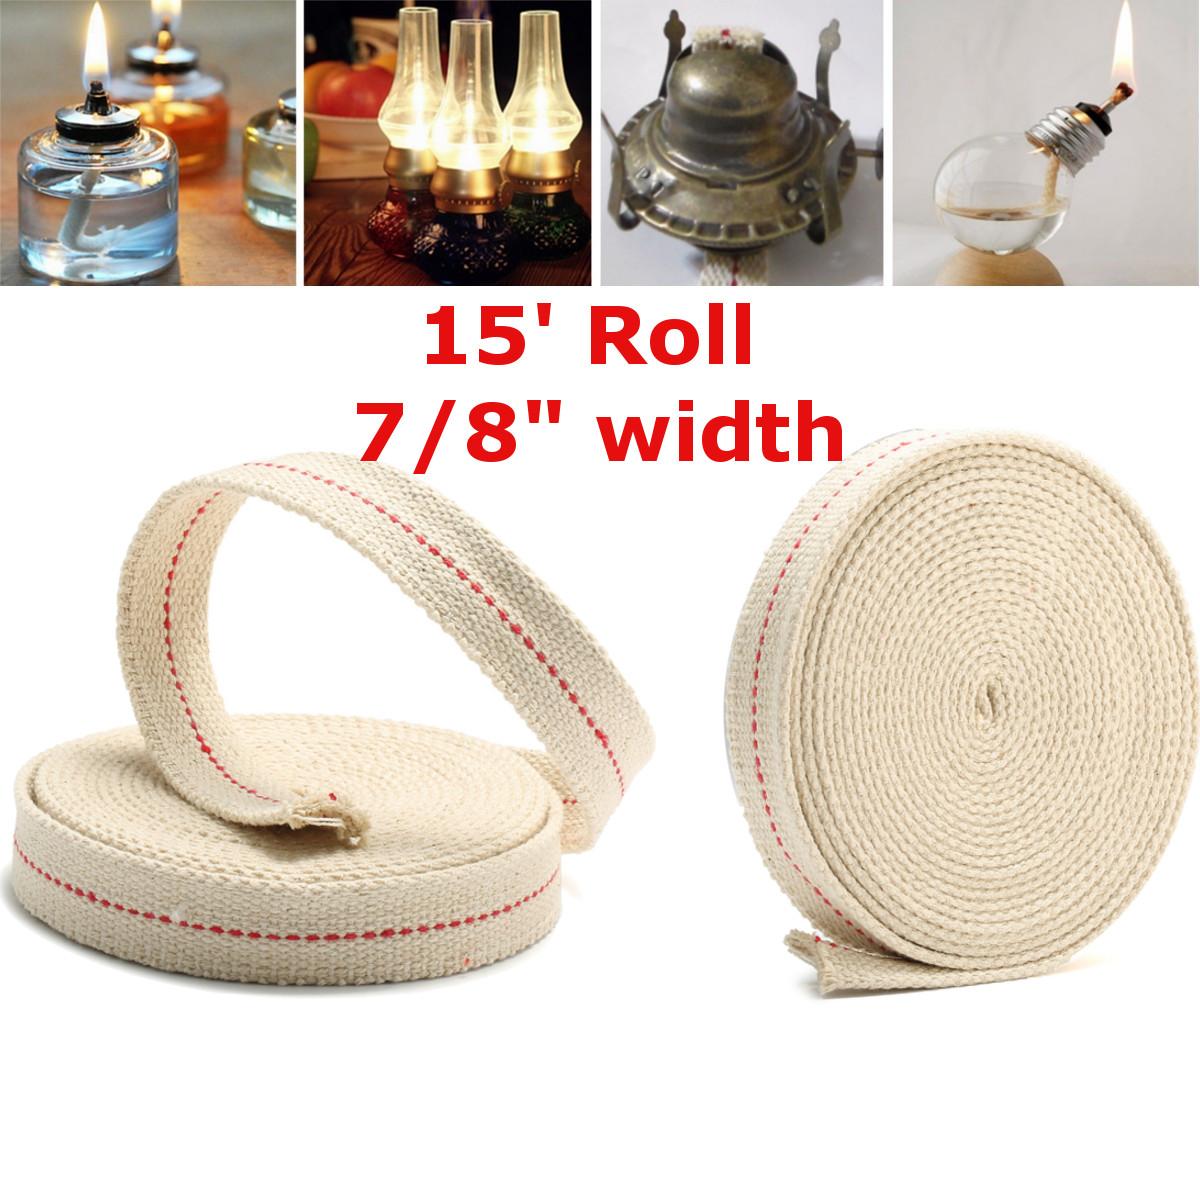 Éclairage Wick Rouleau Pétrole Coton pour Lampe à Huile Lanternes Utile Maison